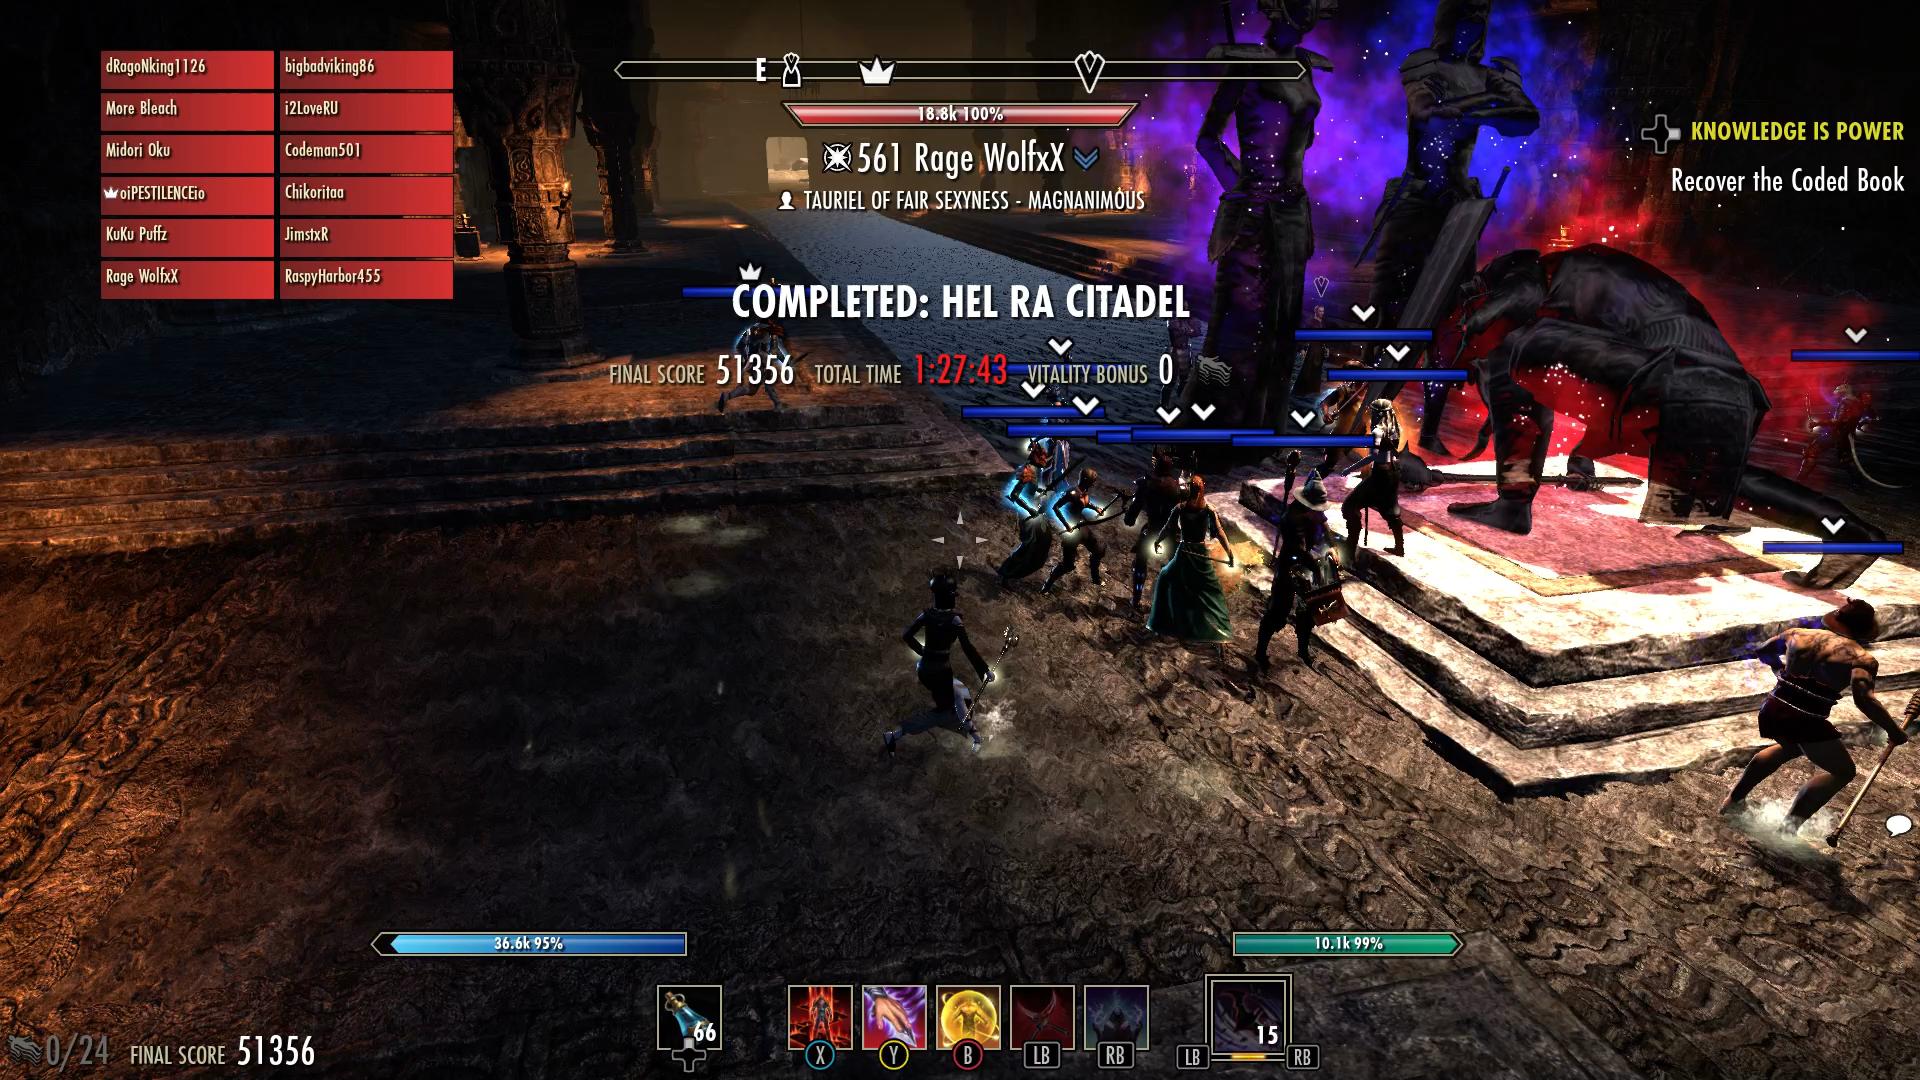 Magicka Night blade v2